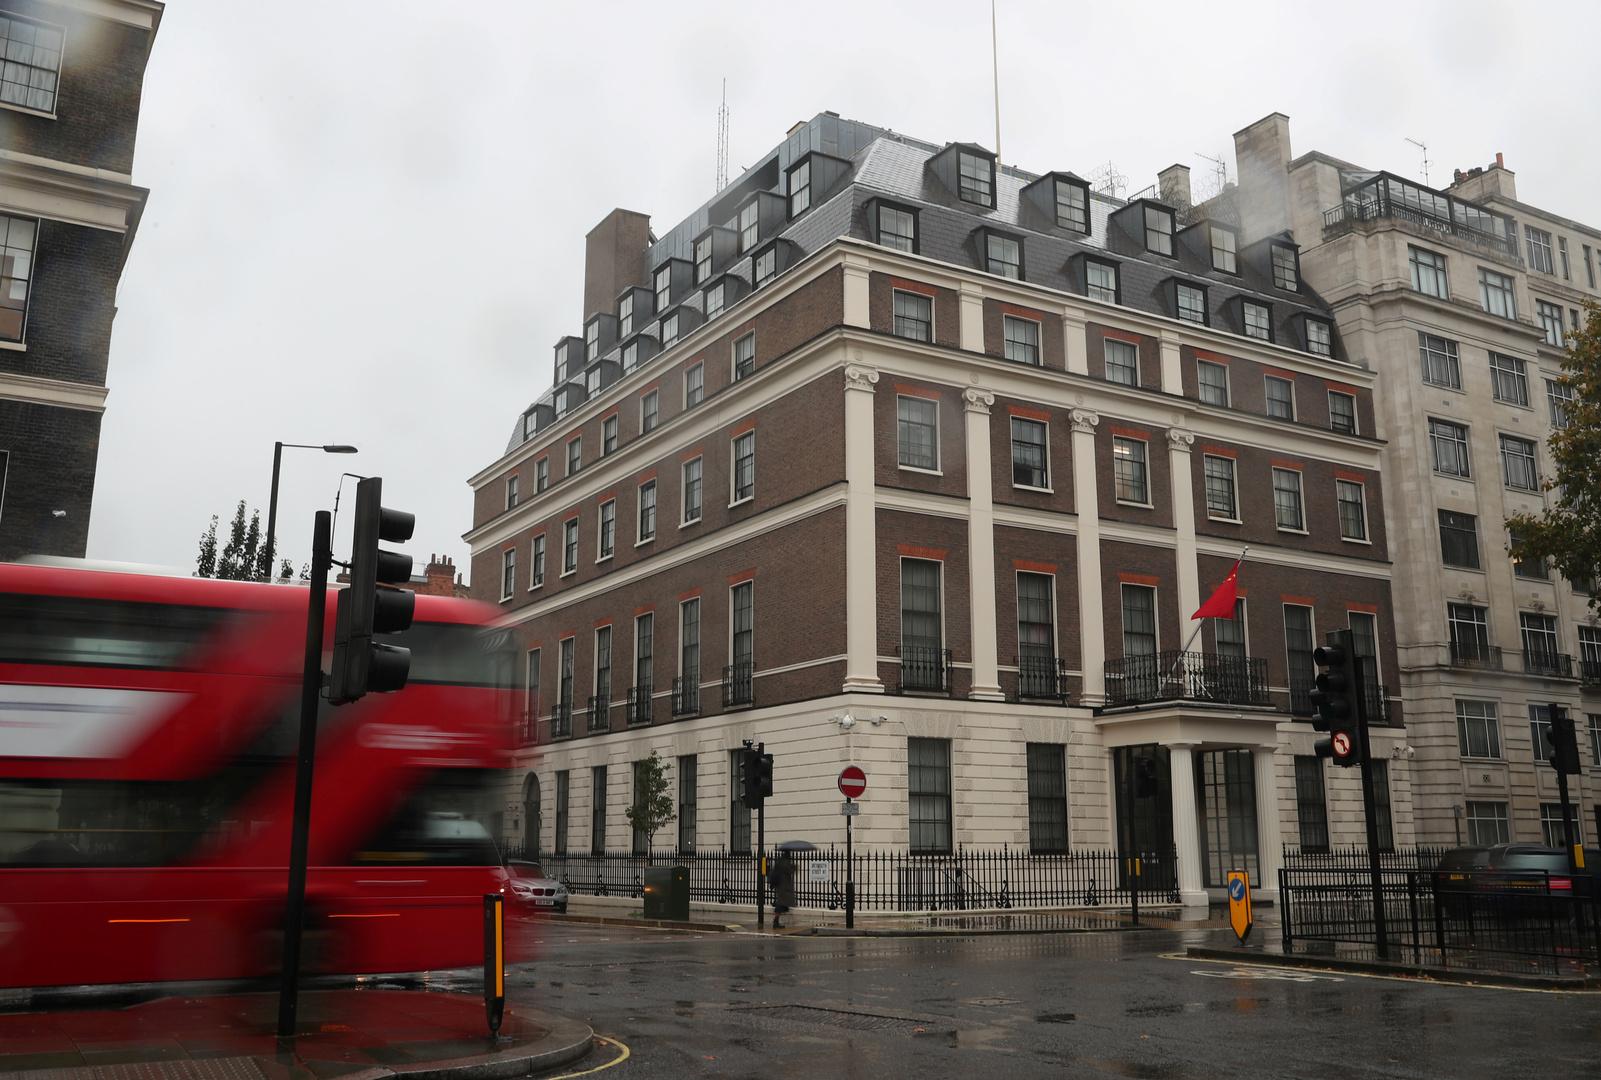 بكين: قضية جواز السفر الوطني البريطاني الخارجي ليست سوى تلاعب سياسي